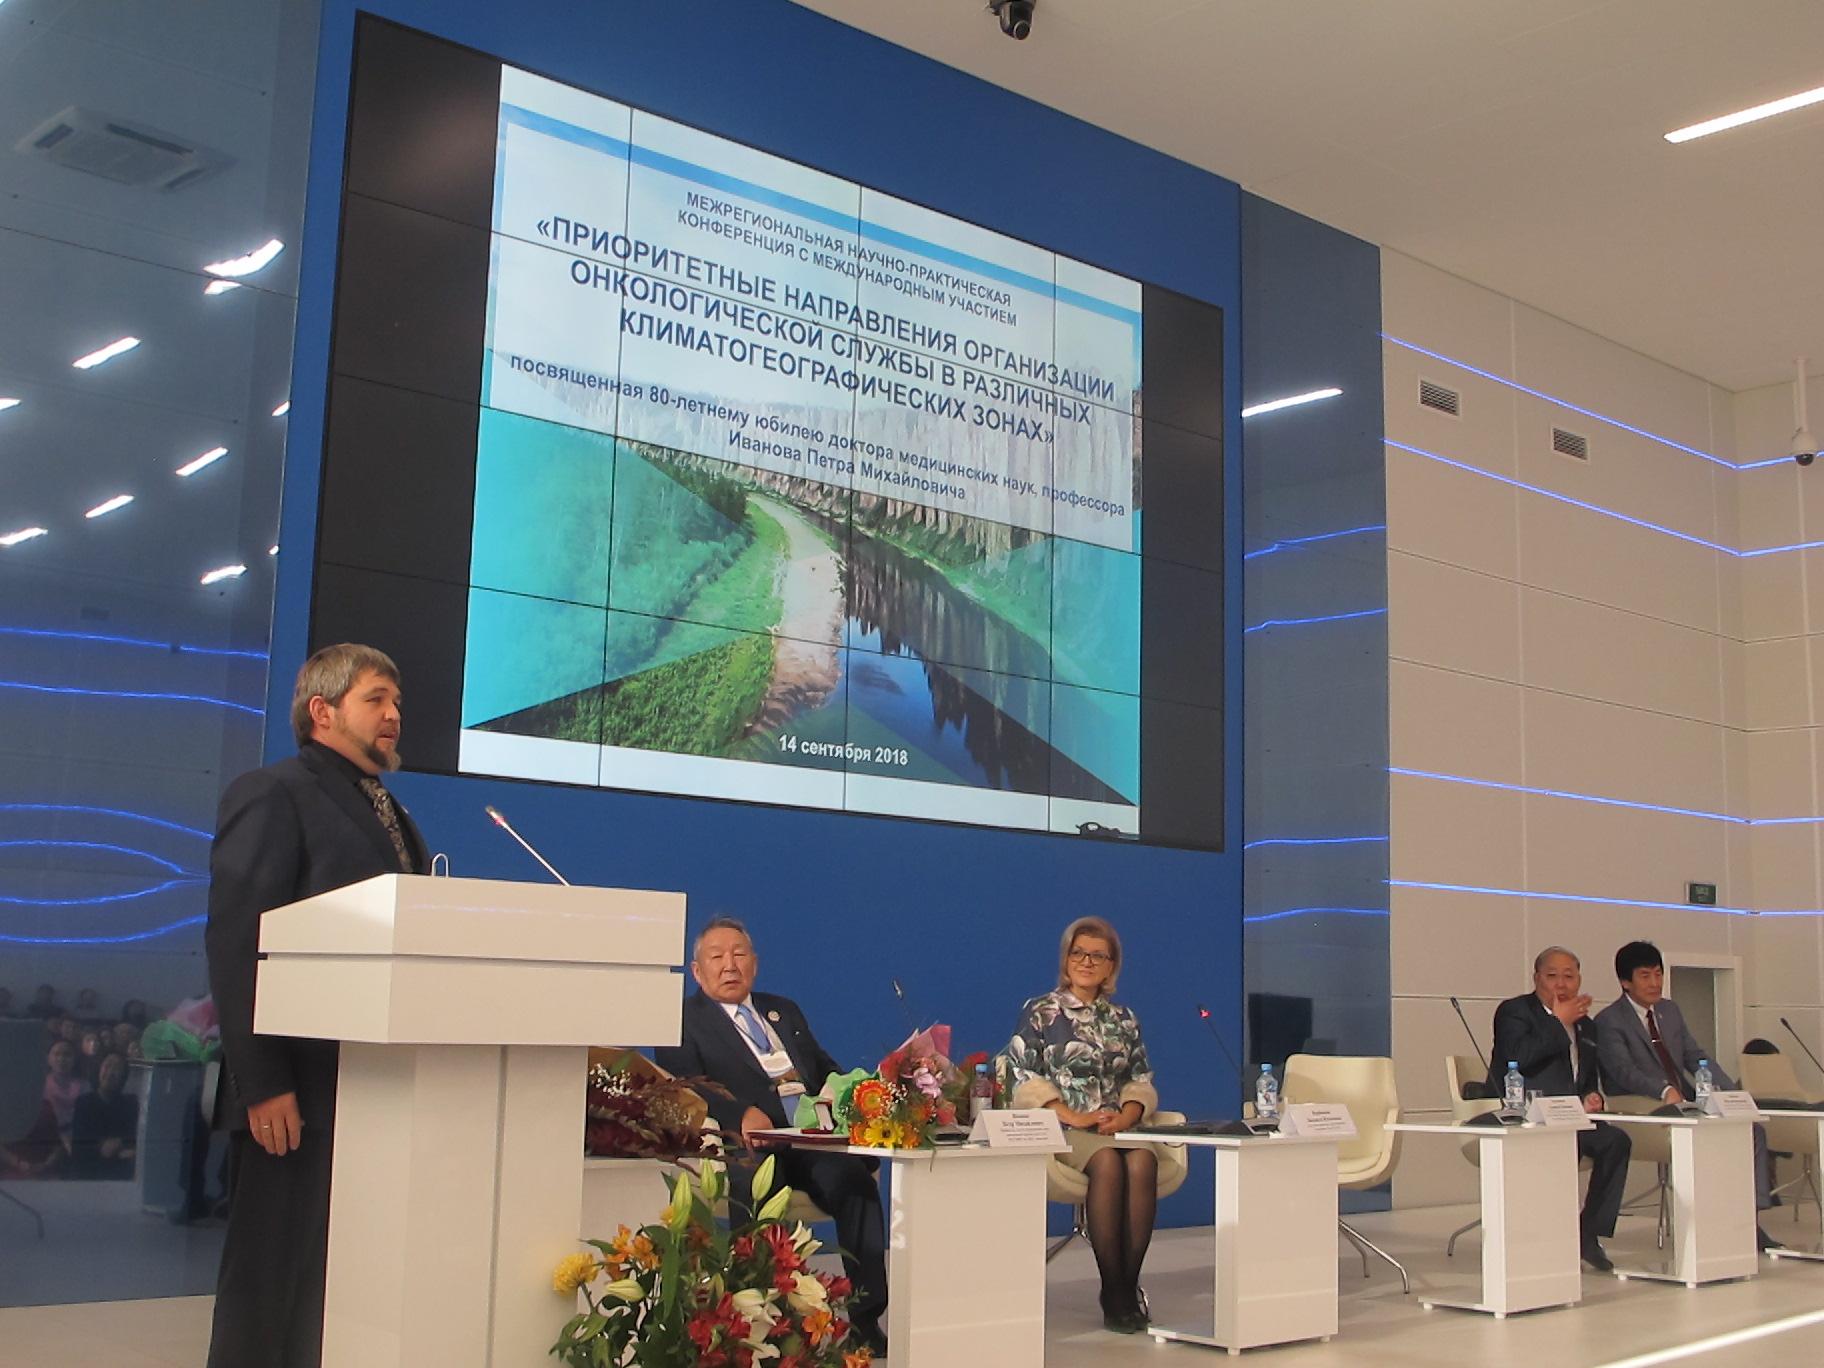 Конференция онкологов с международным участием, прошла в Якутске